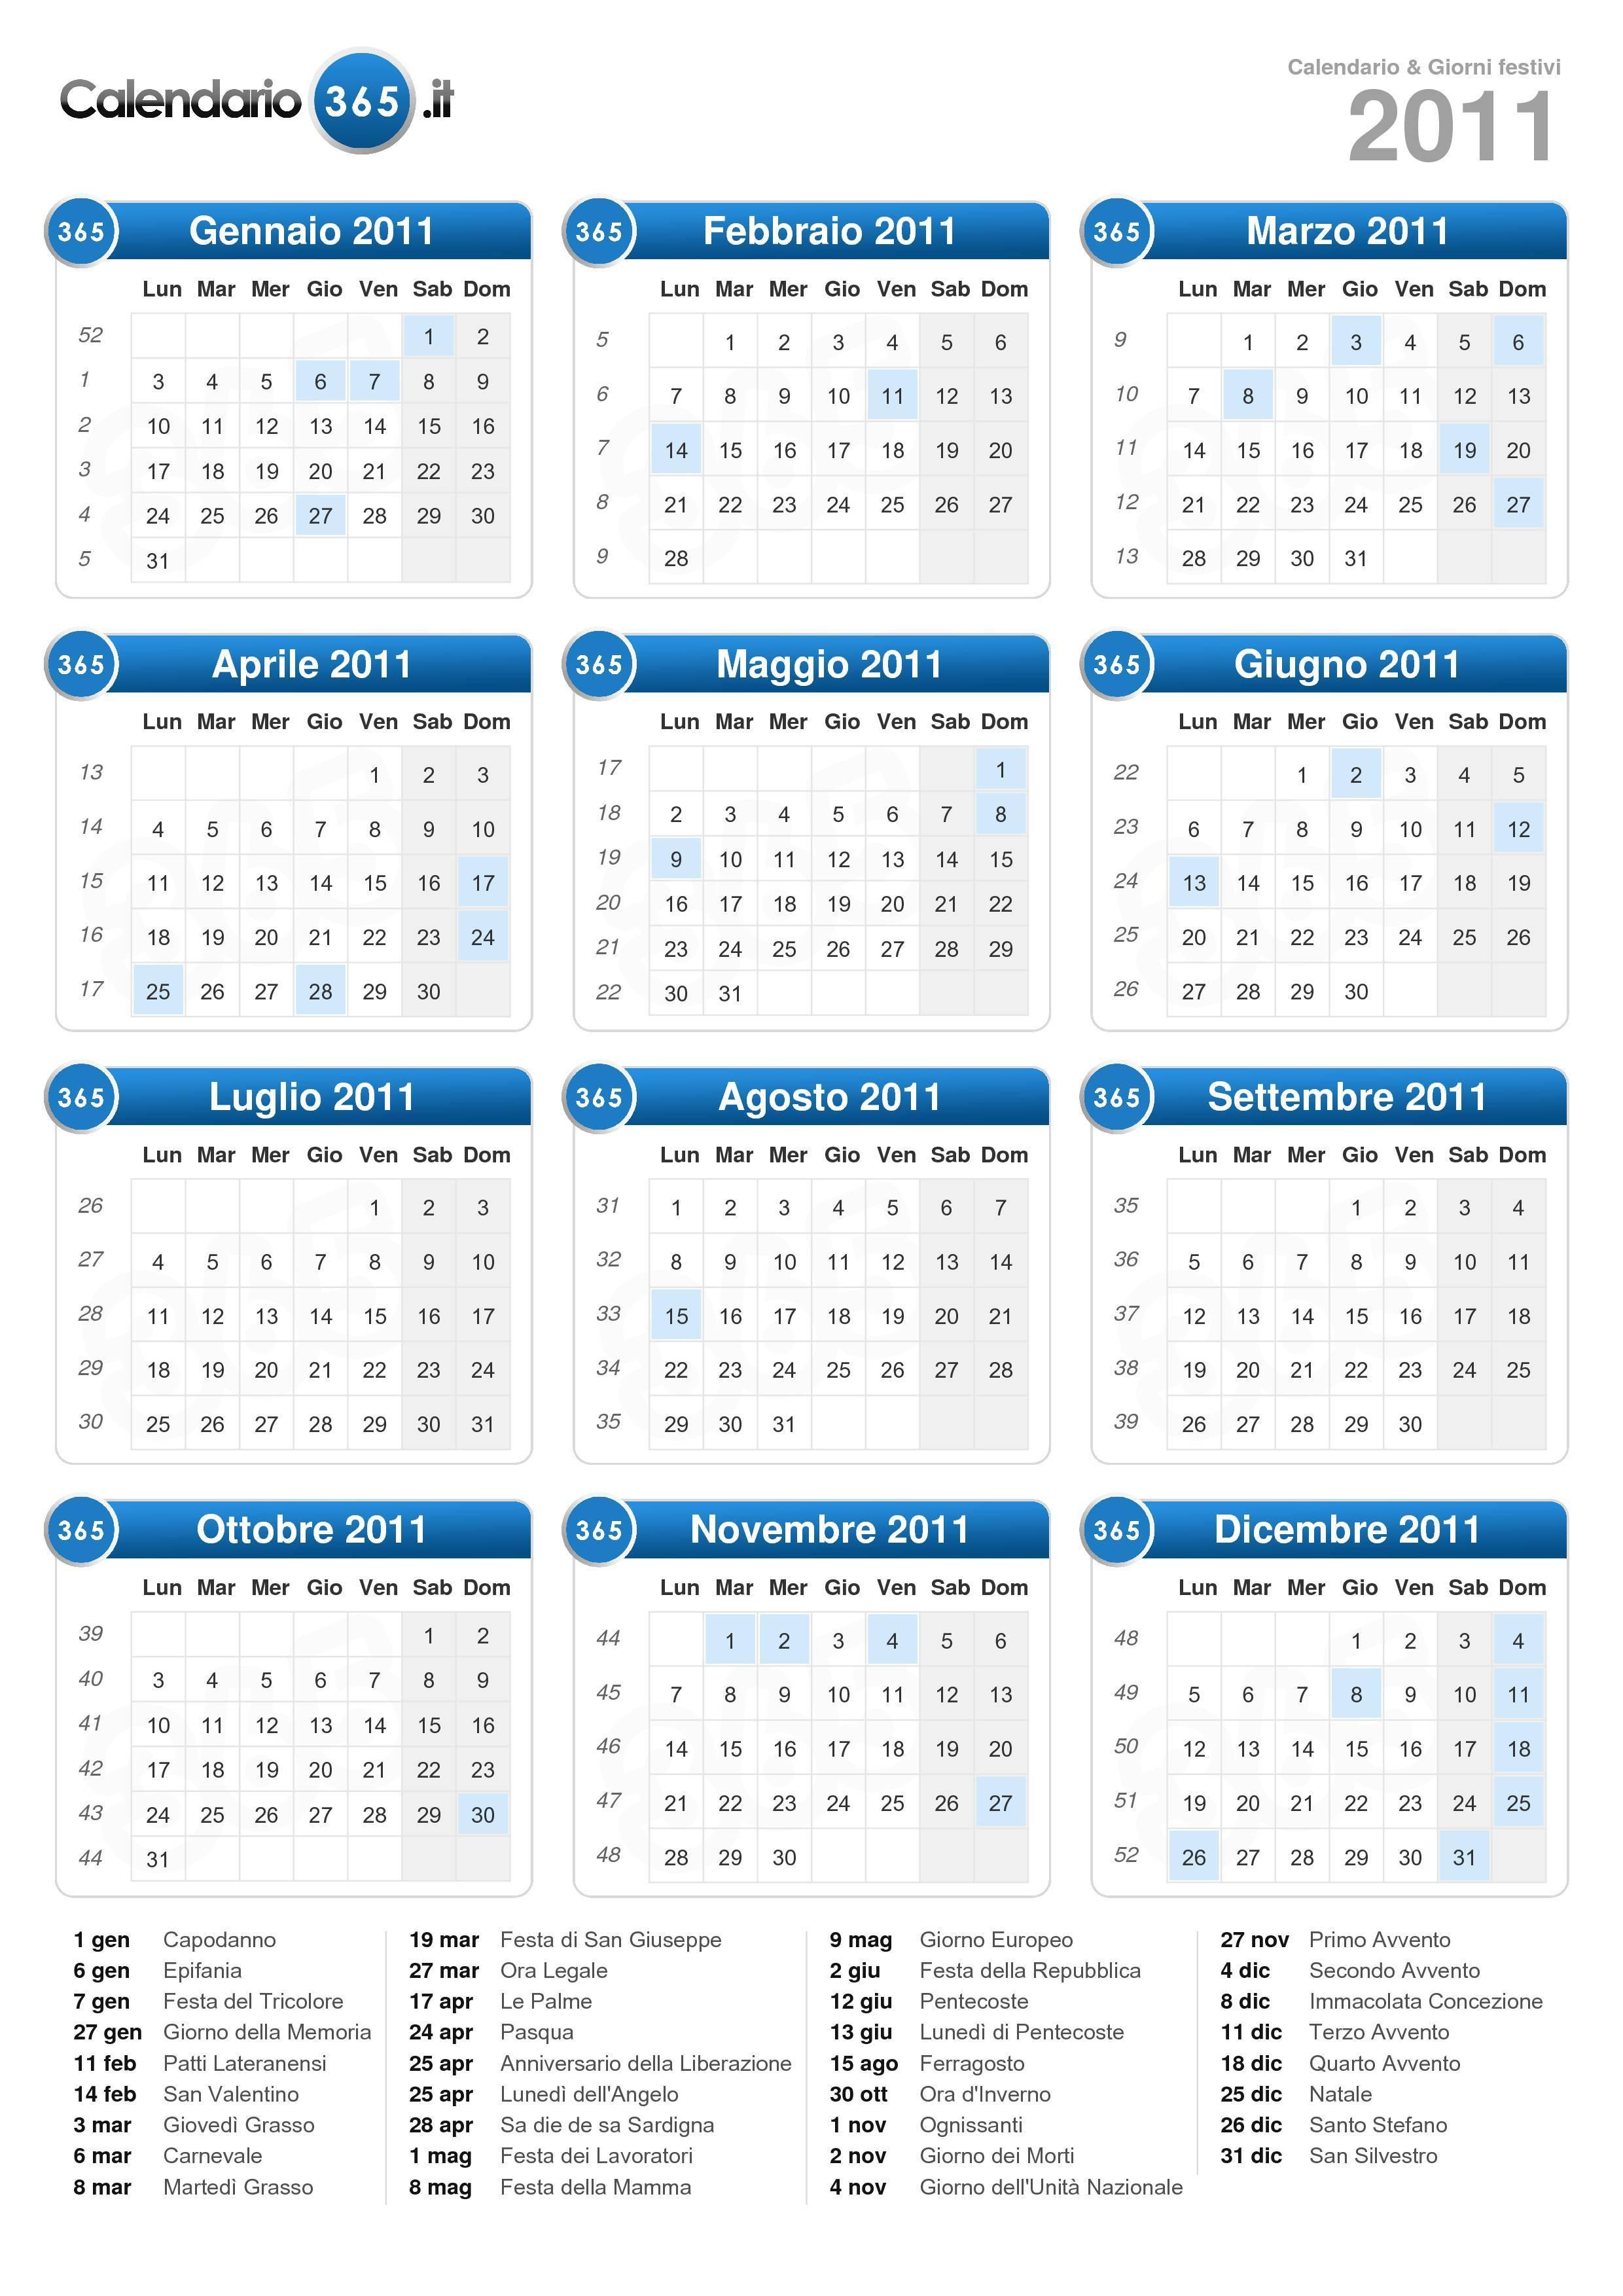 Calendario Cronologico Polito 2020.Calendario Anno 2011 Calendario 2020